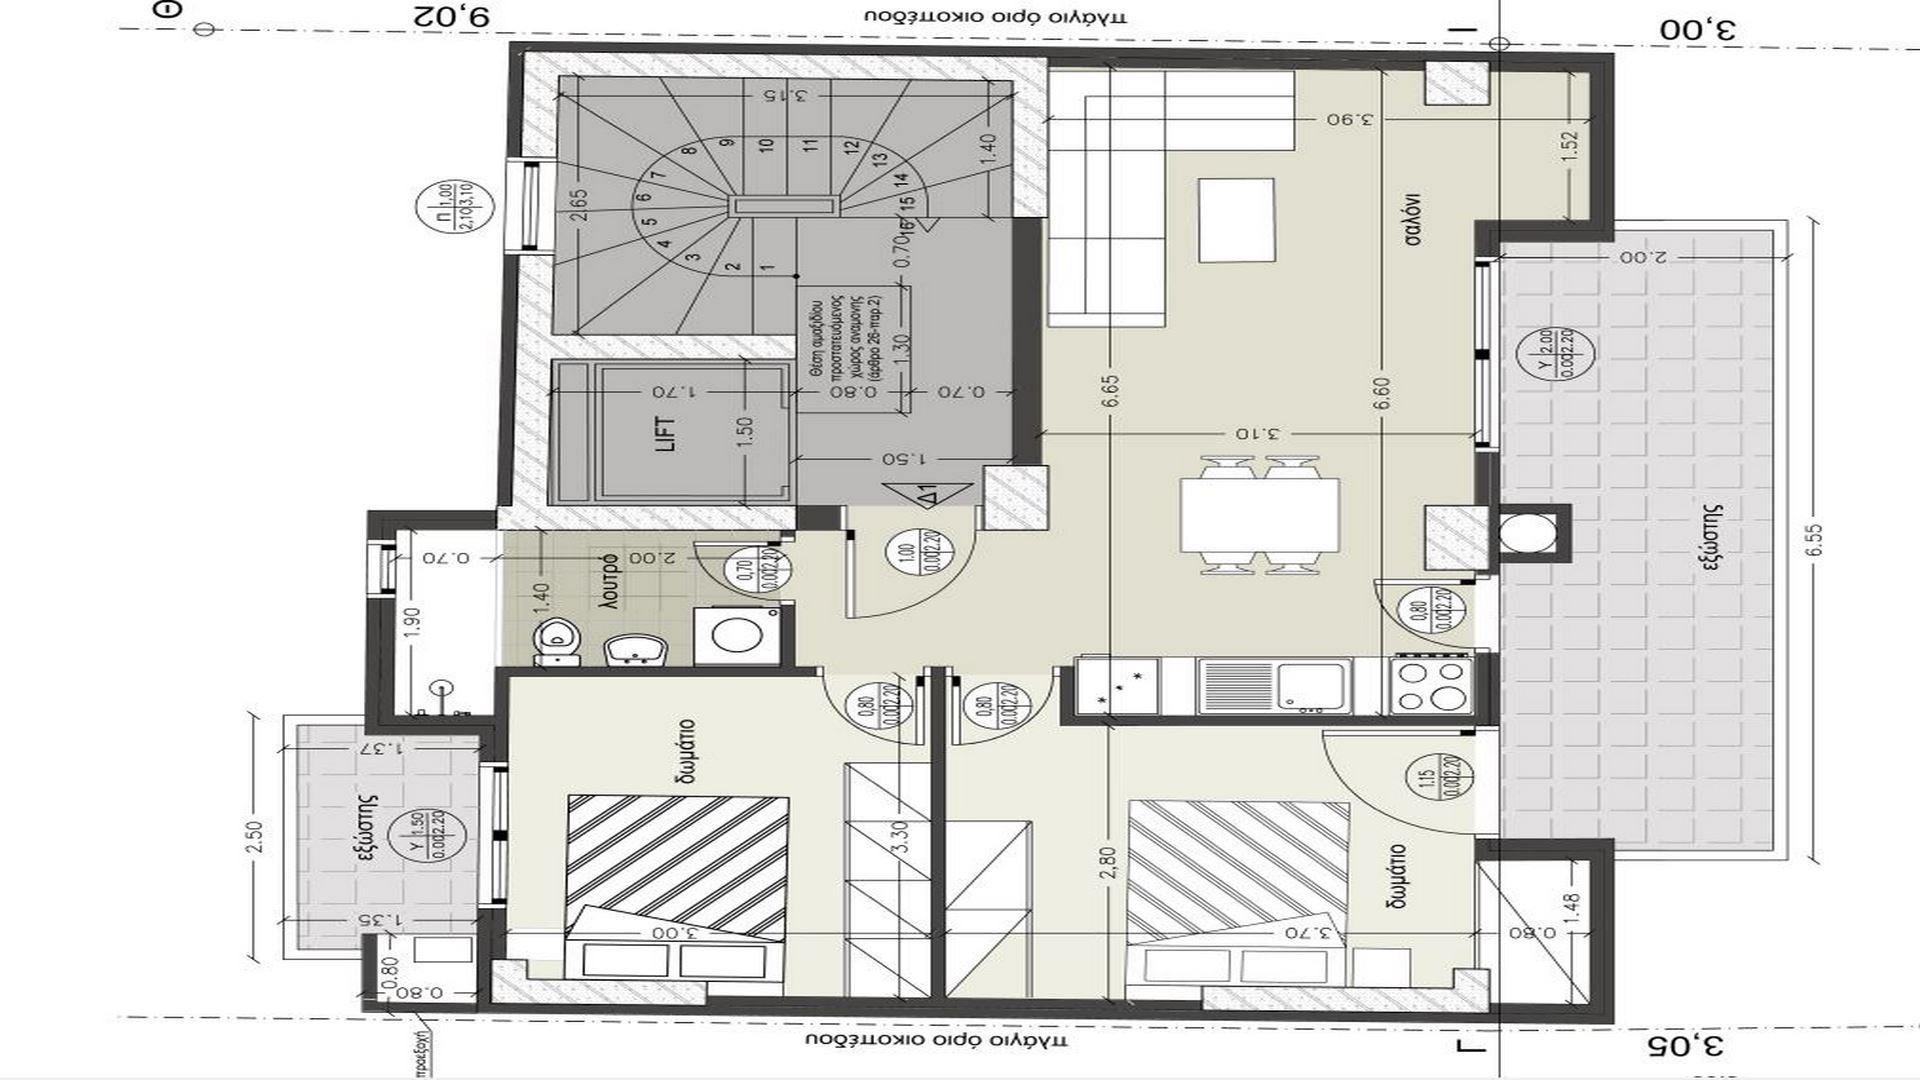 7th floor (Αντιγραφή)